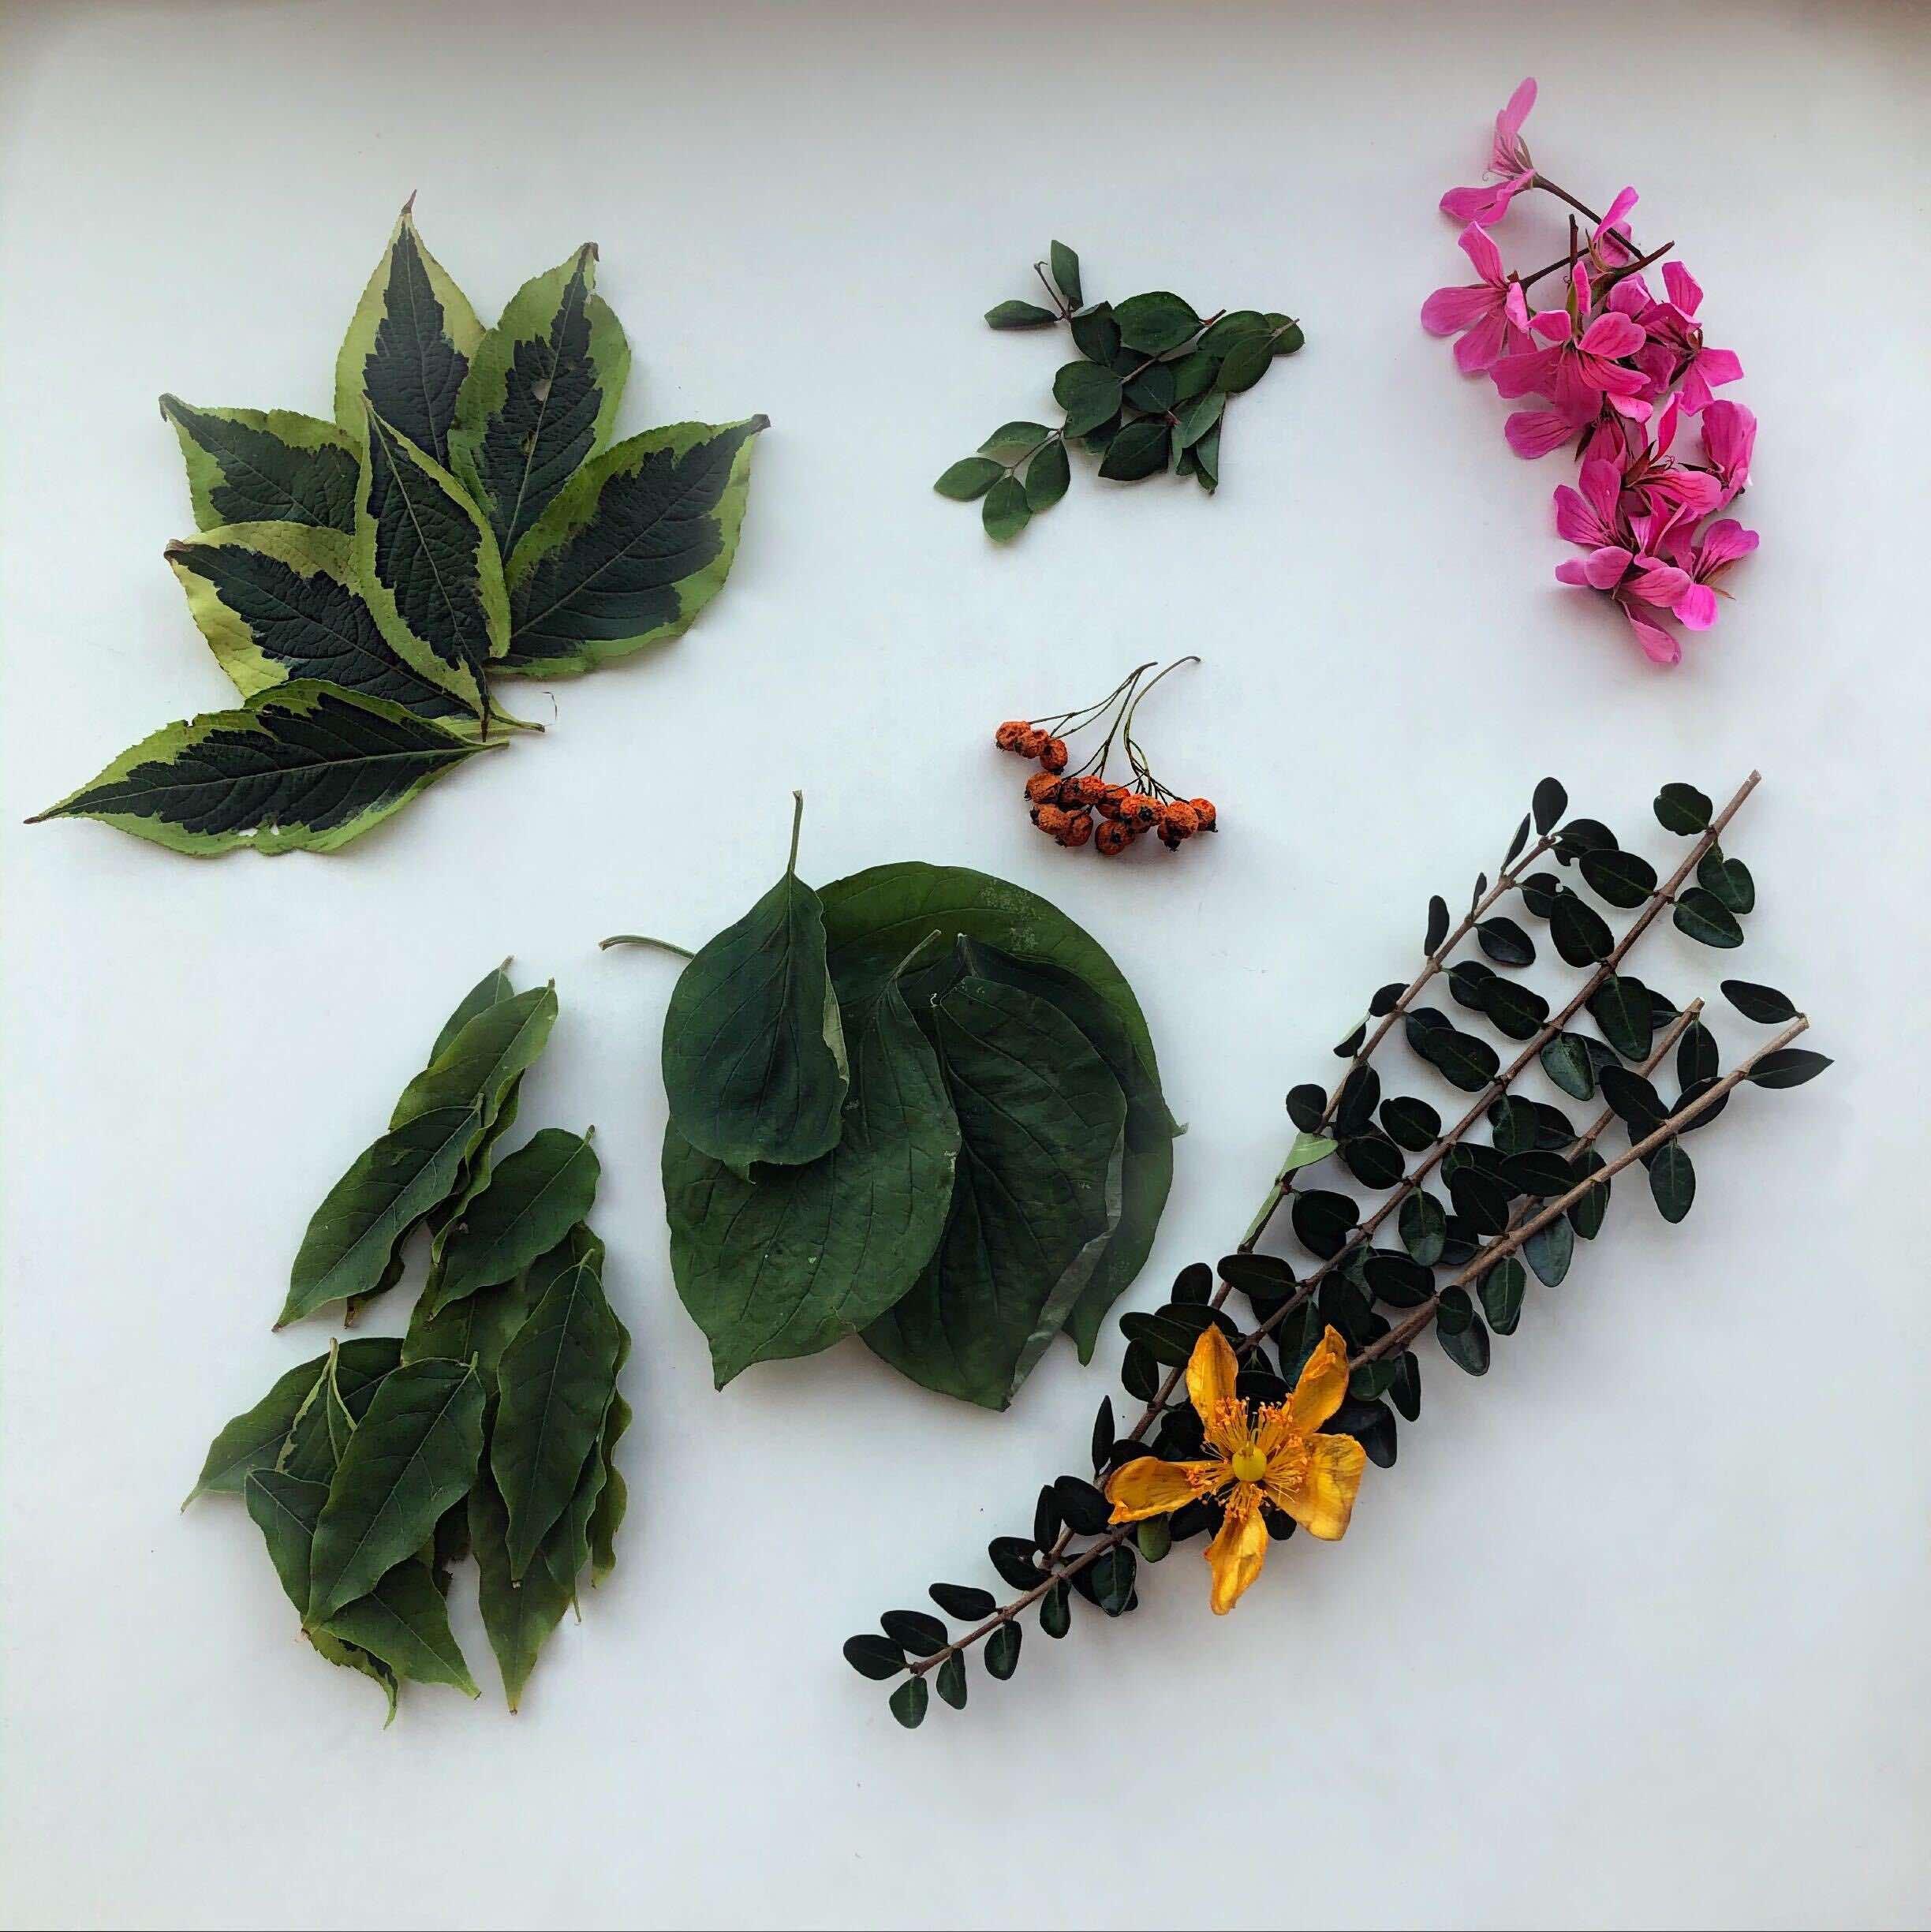 kunst og håndverk med blader